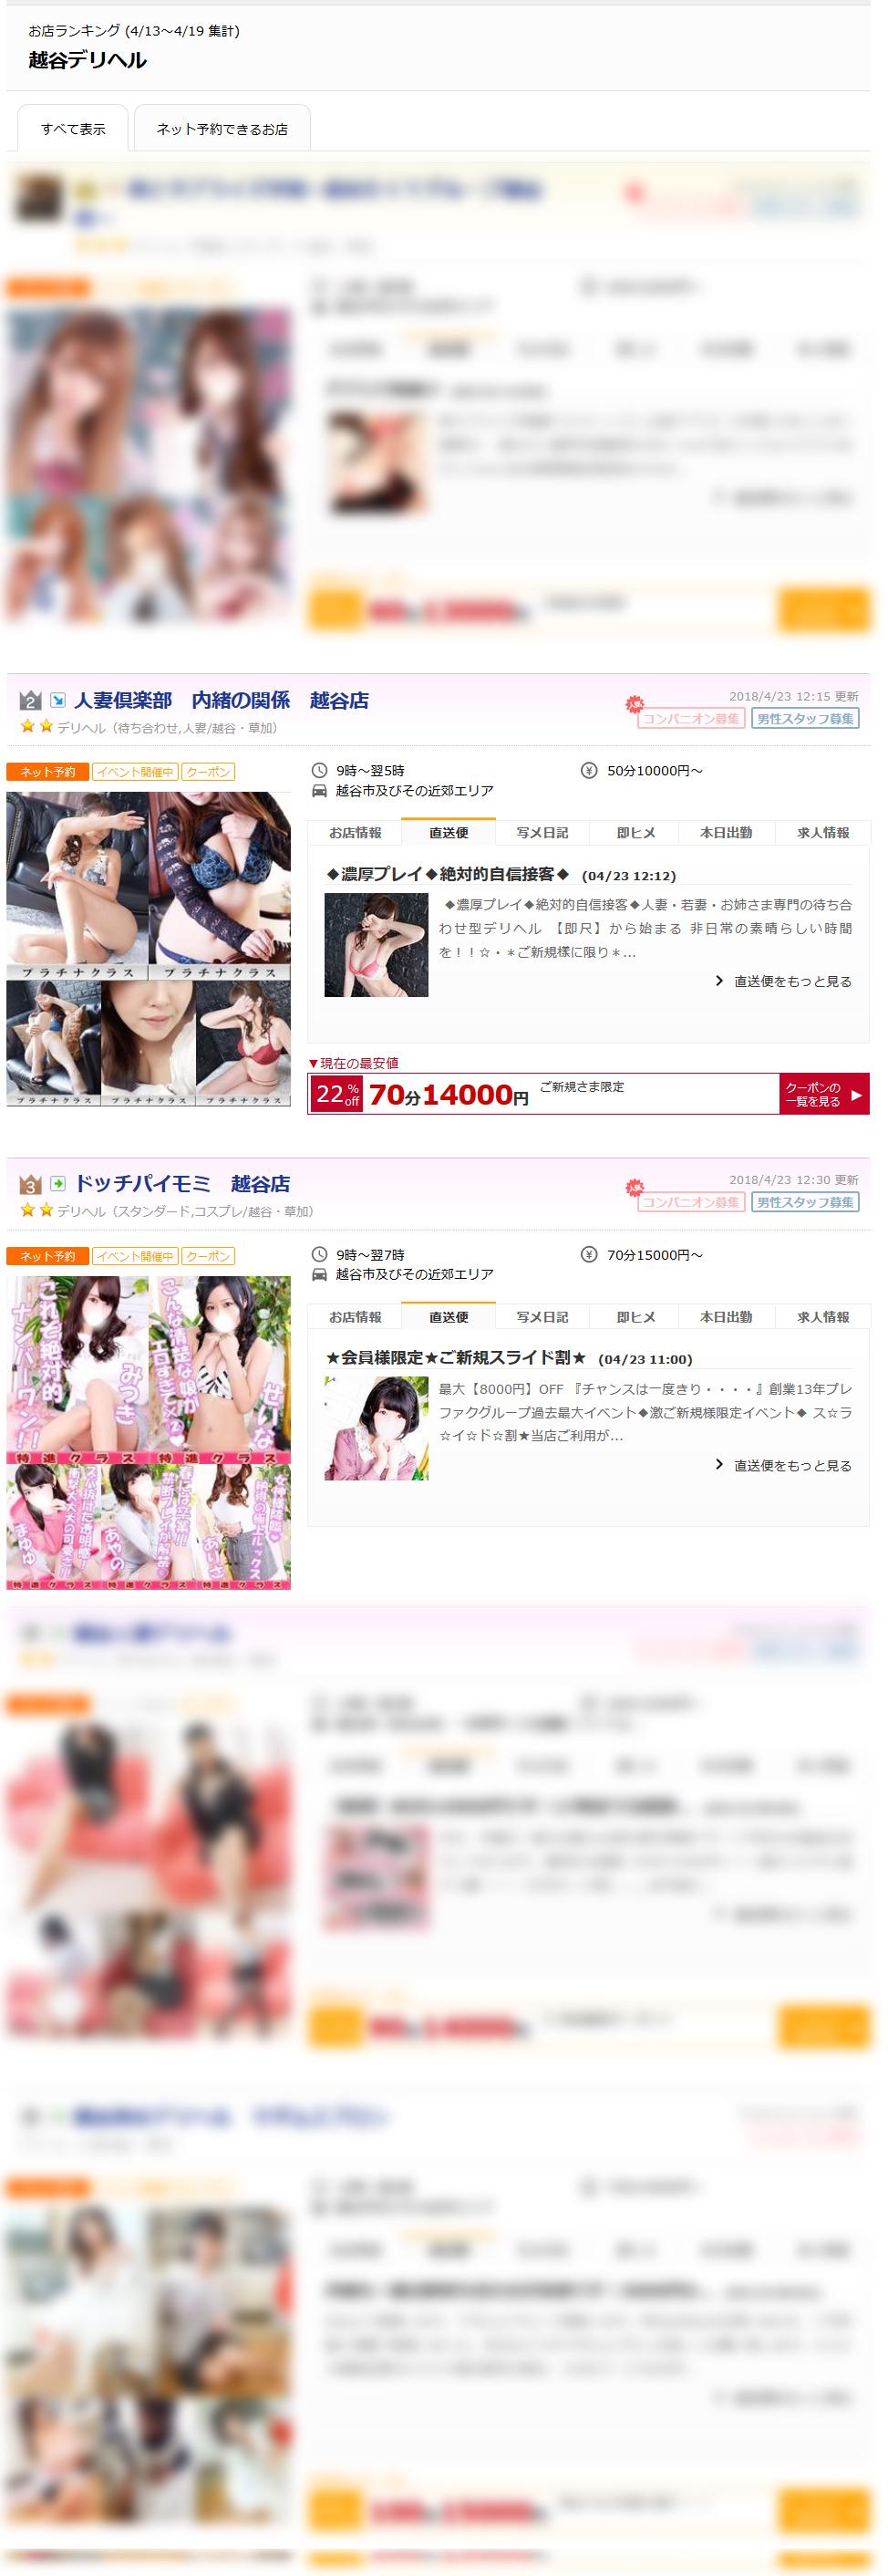 越谷デリヘルお店ランキング2018-04-23